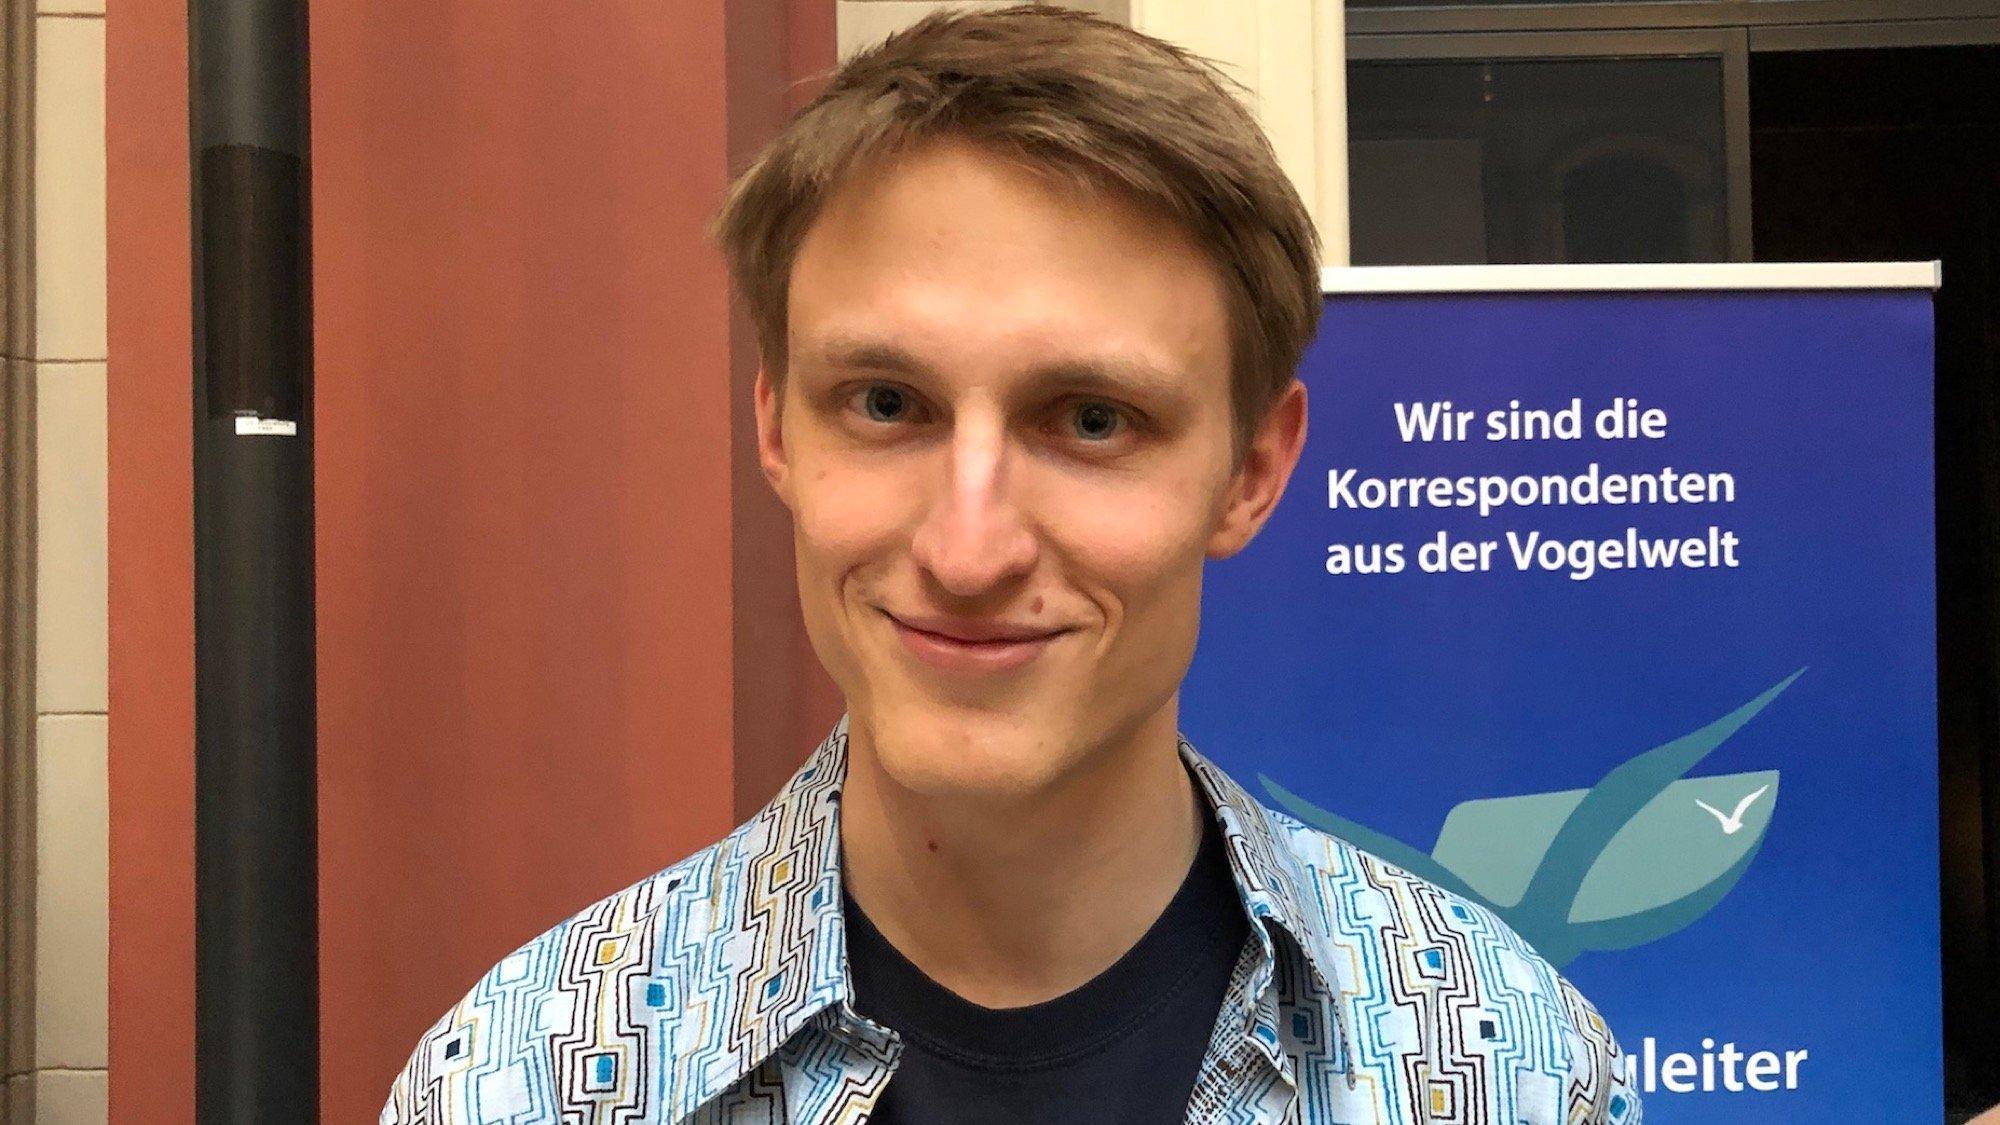 Portrait von Marvin Manzenberger (Naturschutz-Jugendbotschafter)